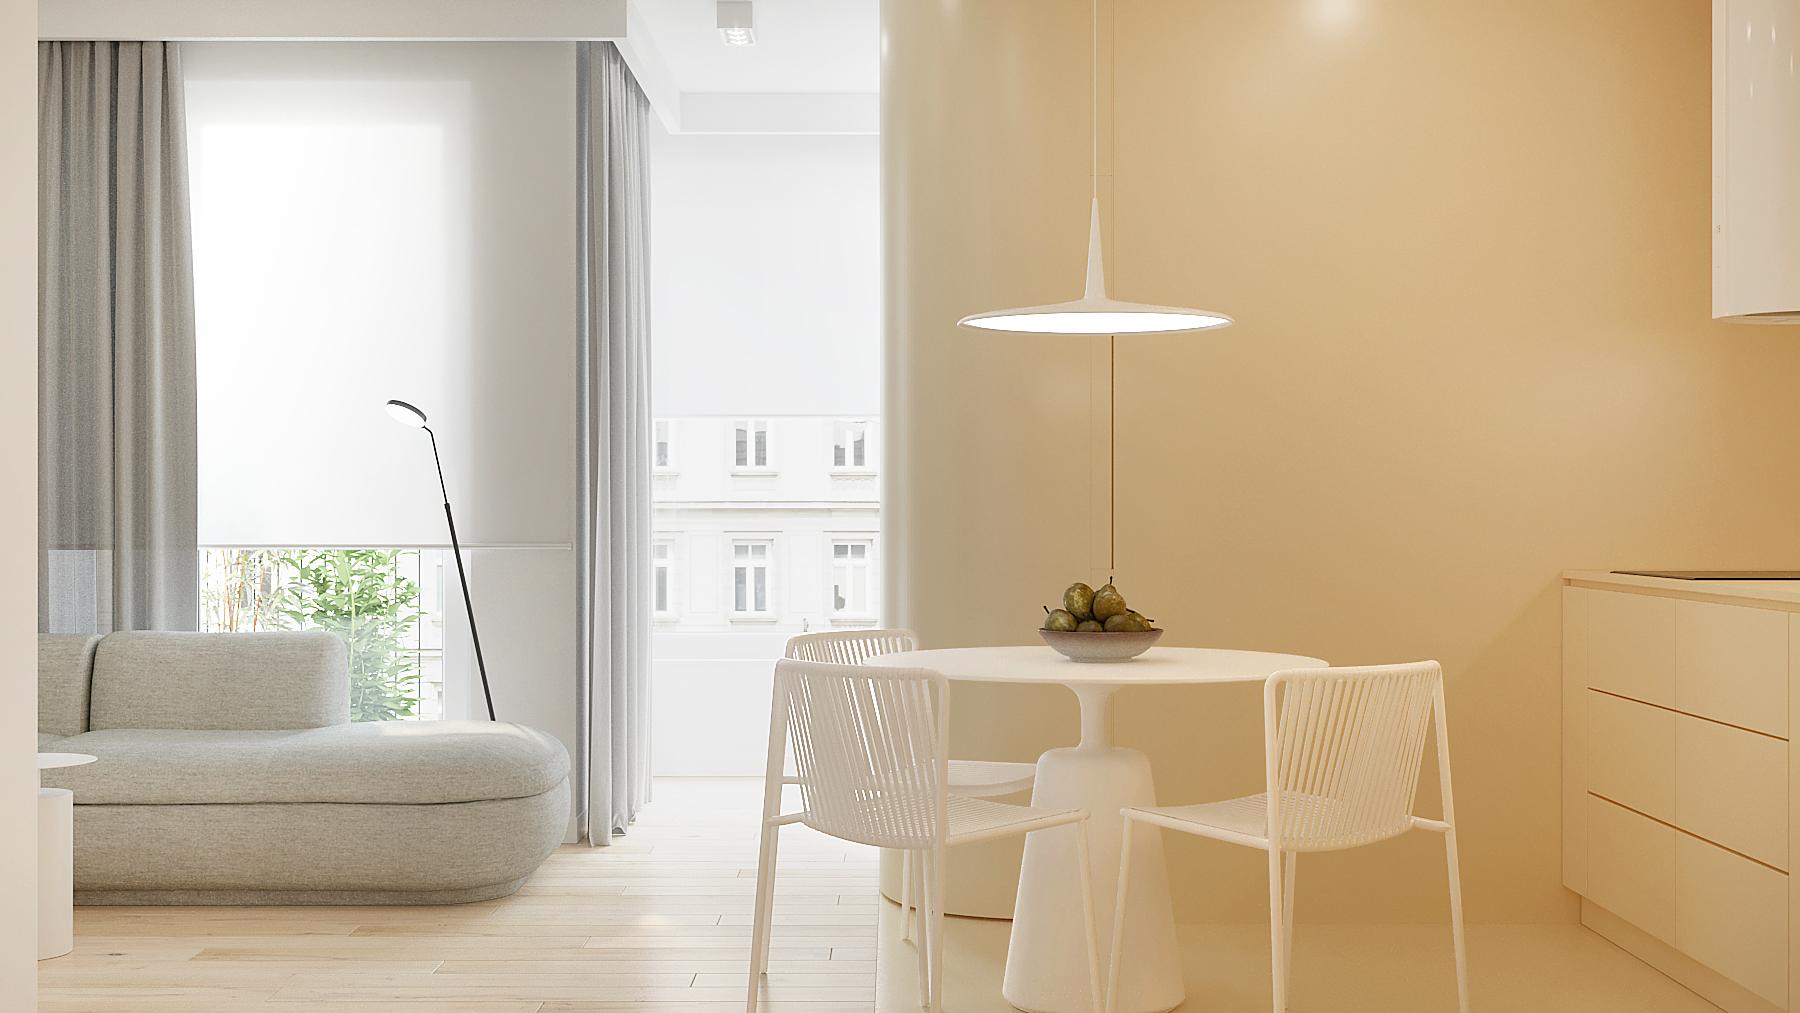 3 aranzowanie wnetrz M378 mieszkanie Katowice kuchnia z salonem maly stol z krzeslami nietypowa kuchnia zlota wneka